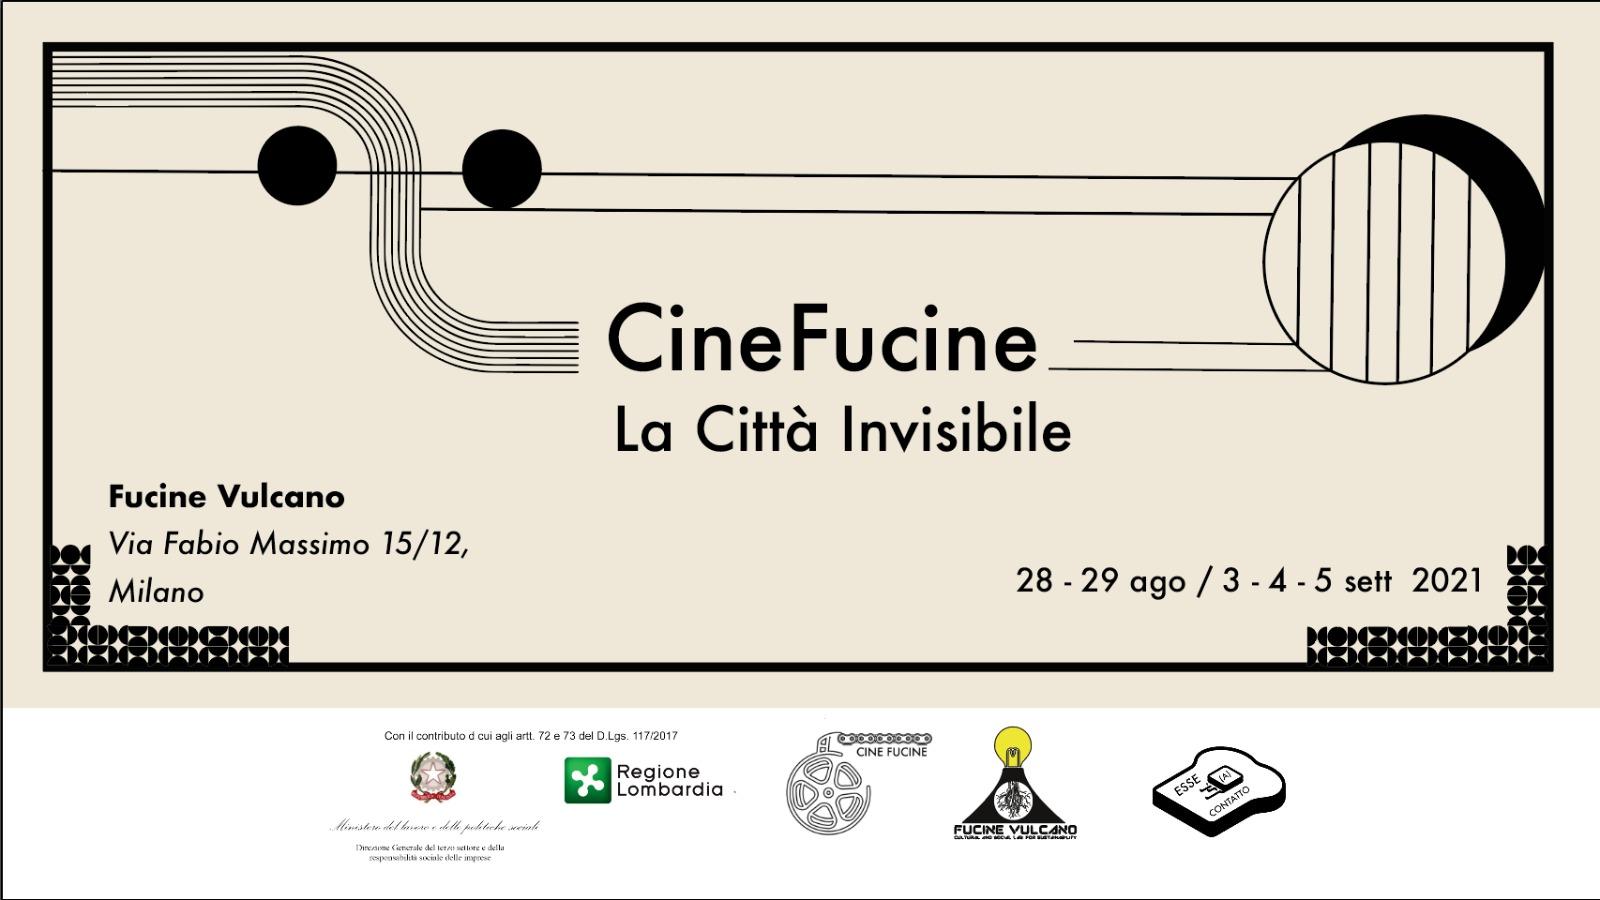 CineFucine: La Città Invisibile